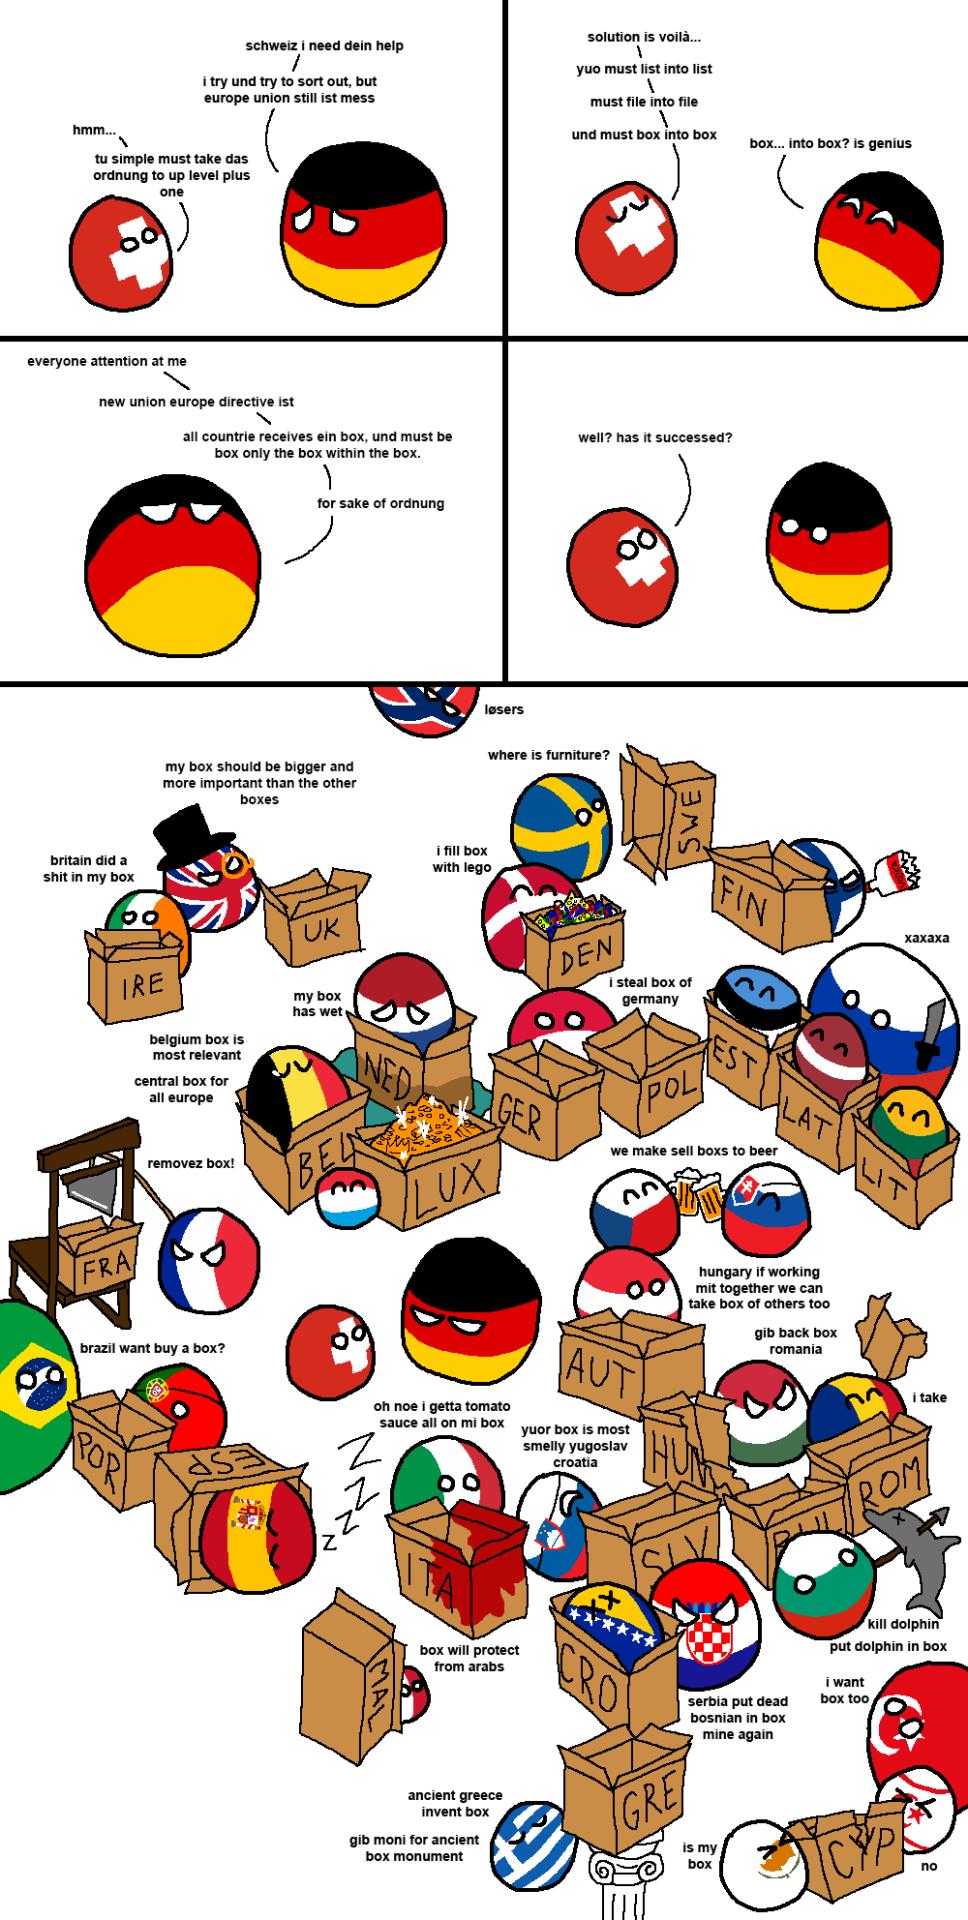 polandball_eu.png